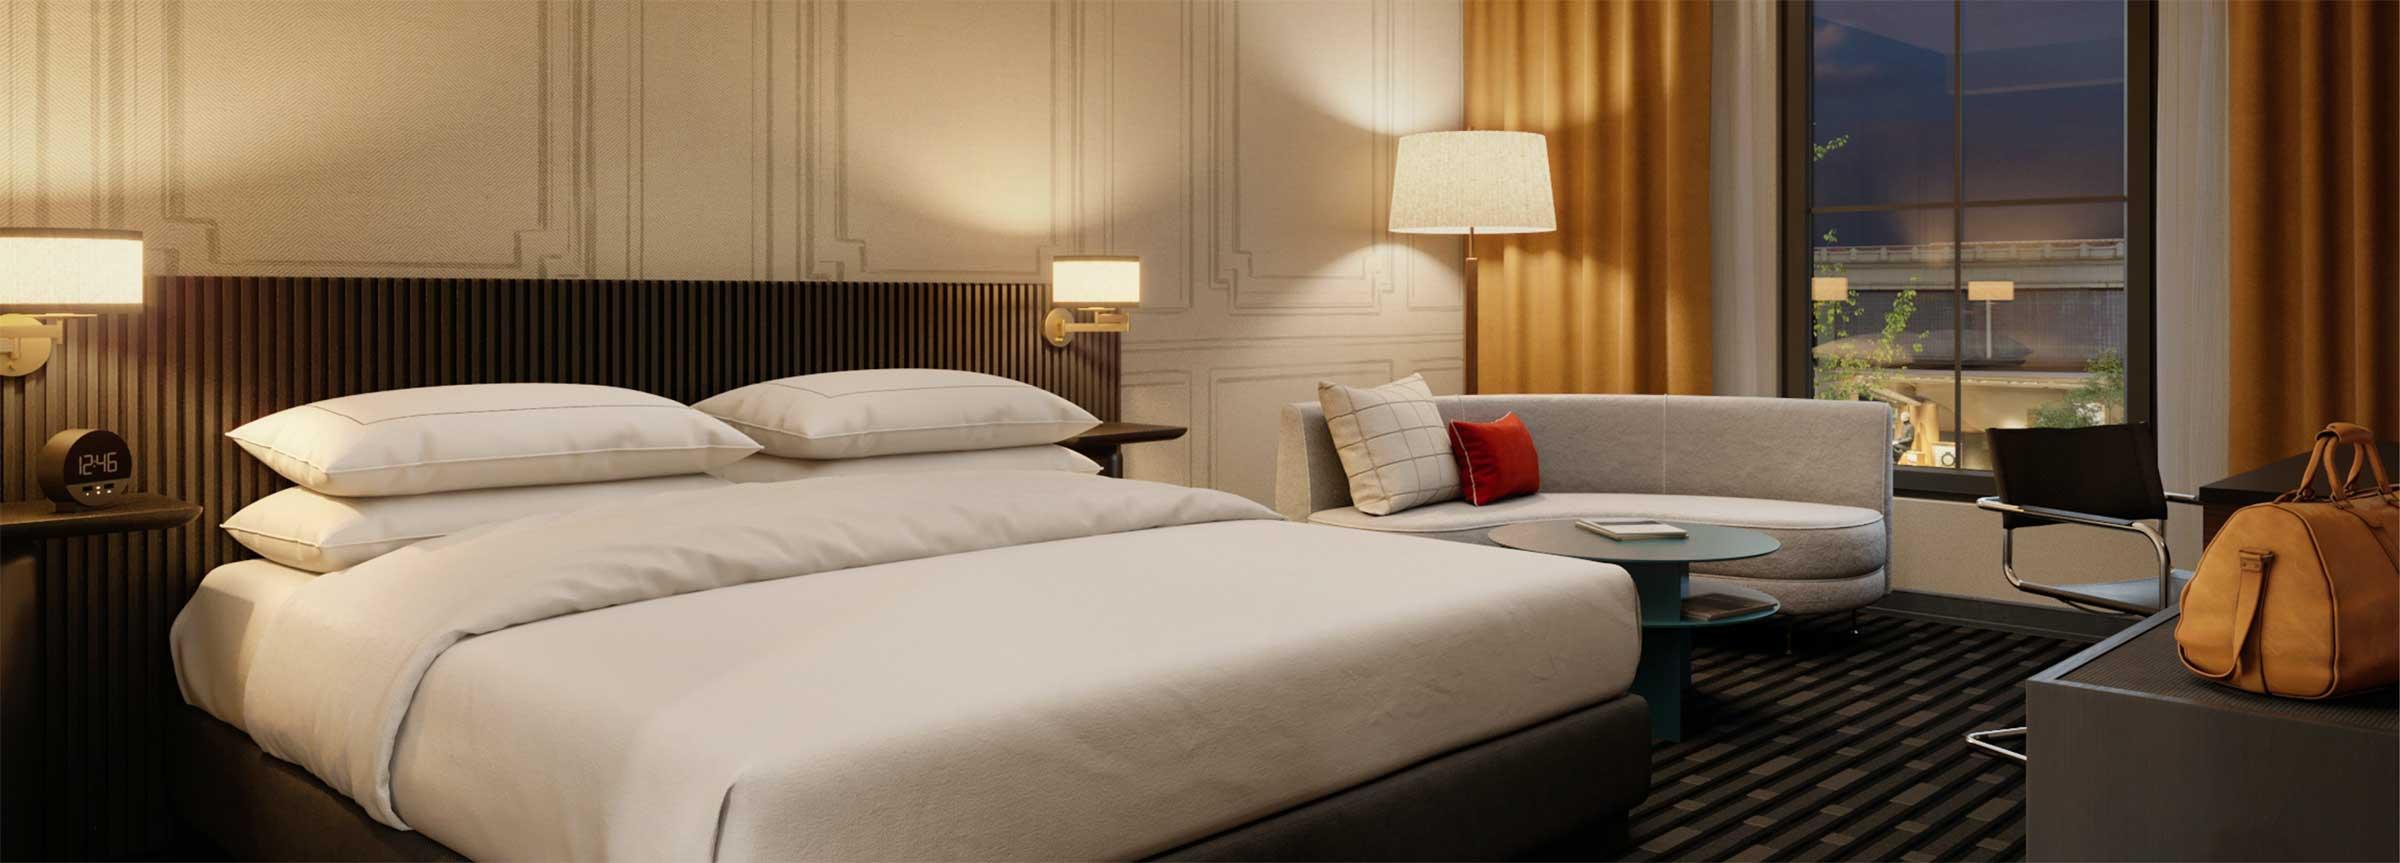 guest room with king bedGuest room with king bed, hotel in Huntsville, 106 Jefferson